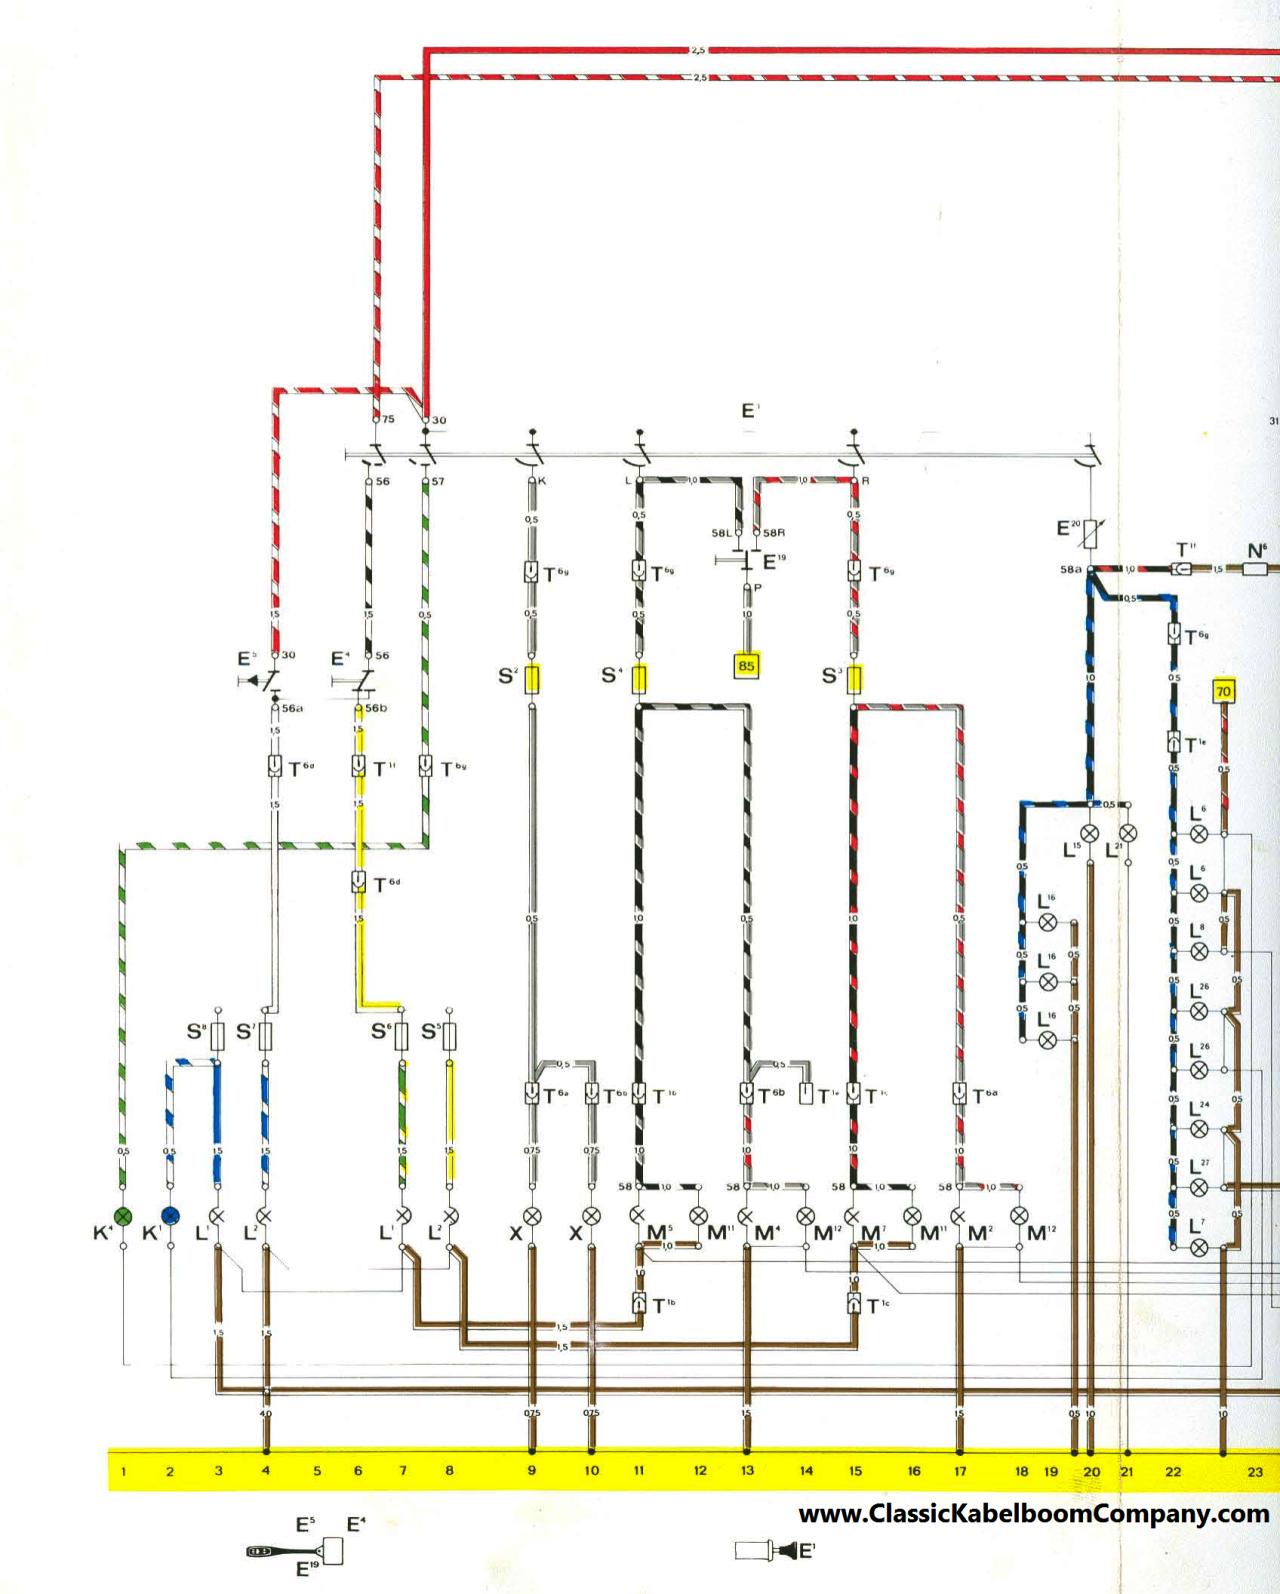 porsche 911 sc wiring diagram porsche image wiring classic kabelboom company bedrading schema s porsche wiring on porsche 911 sc wiring diagram